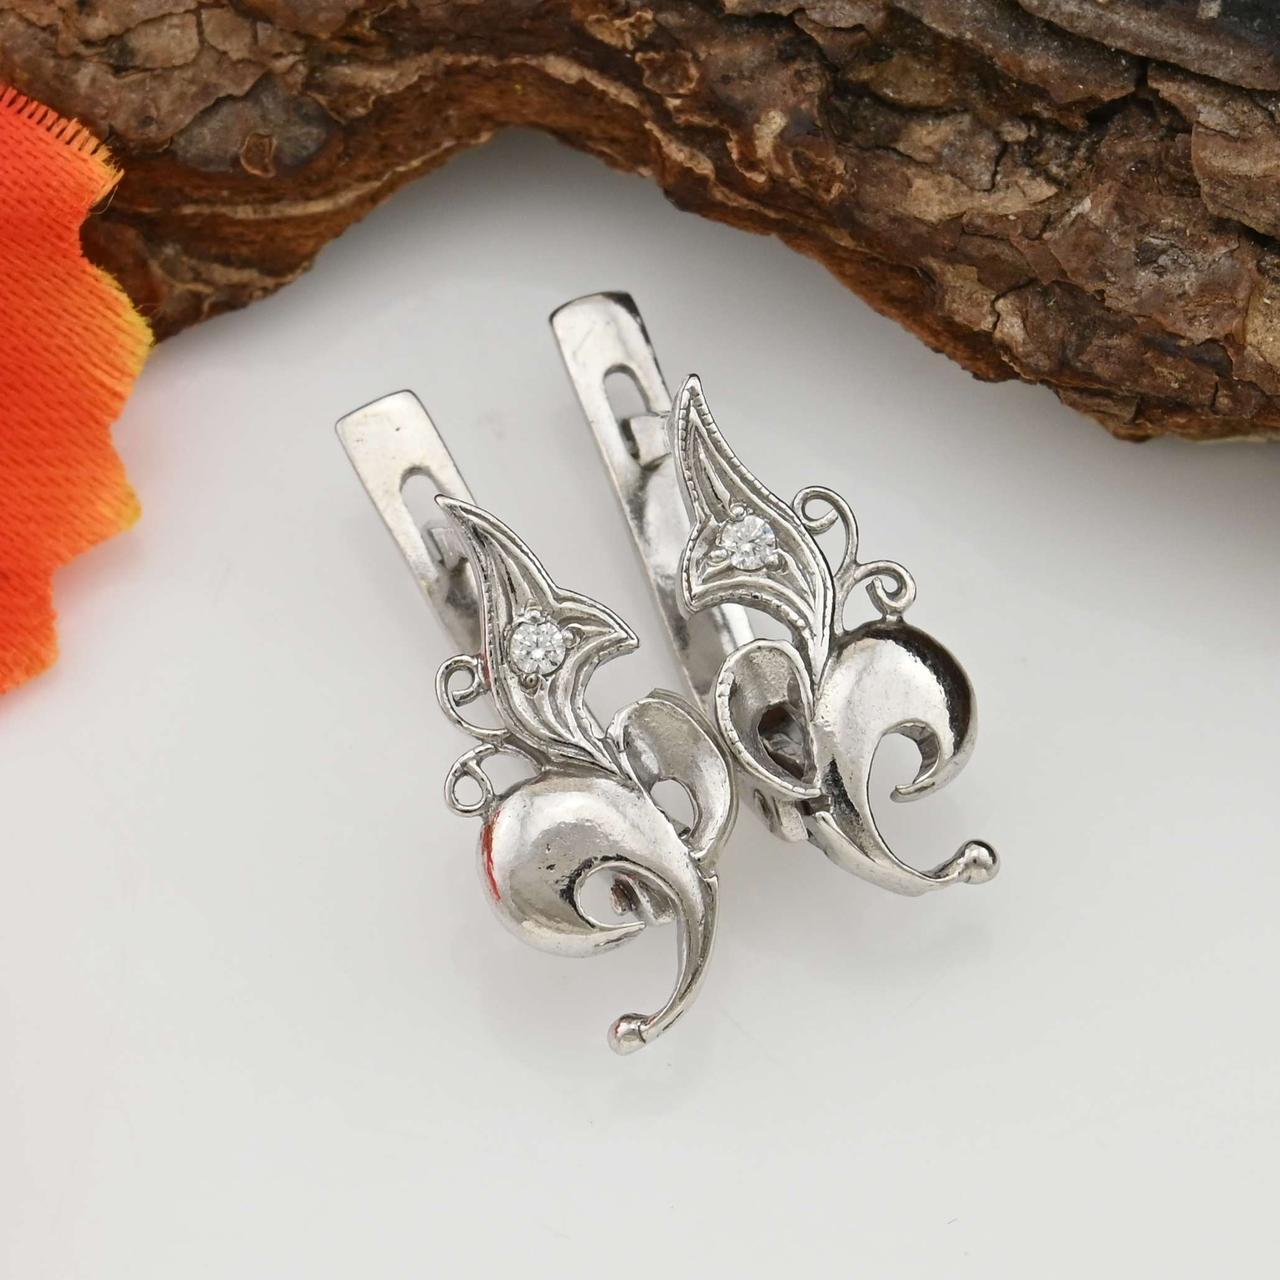 Серебряные серьги позолоченные Джина размер 17х8 мм вставка белые фианиты вес 2.47 г